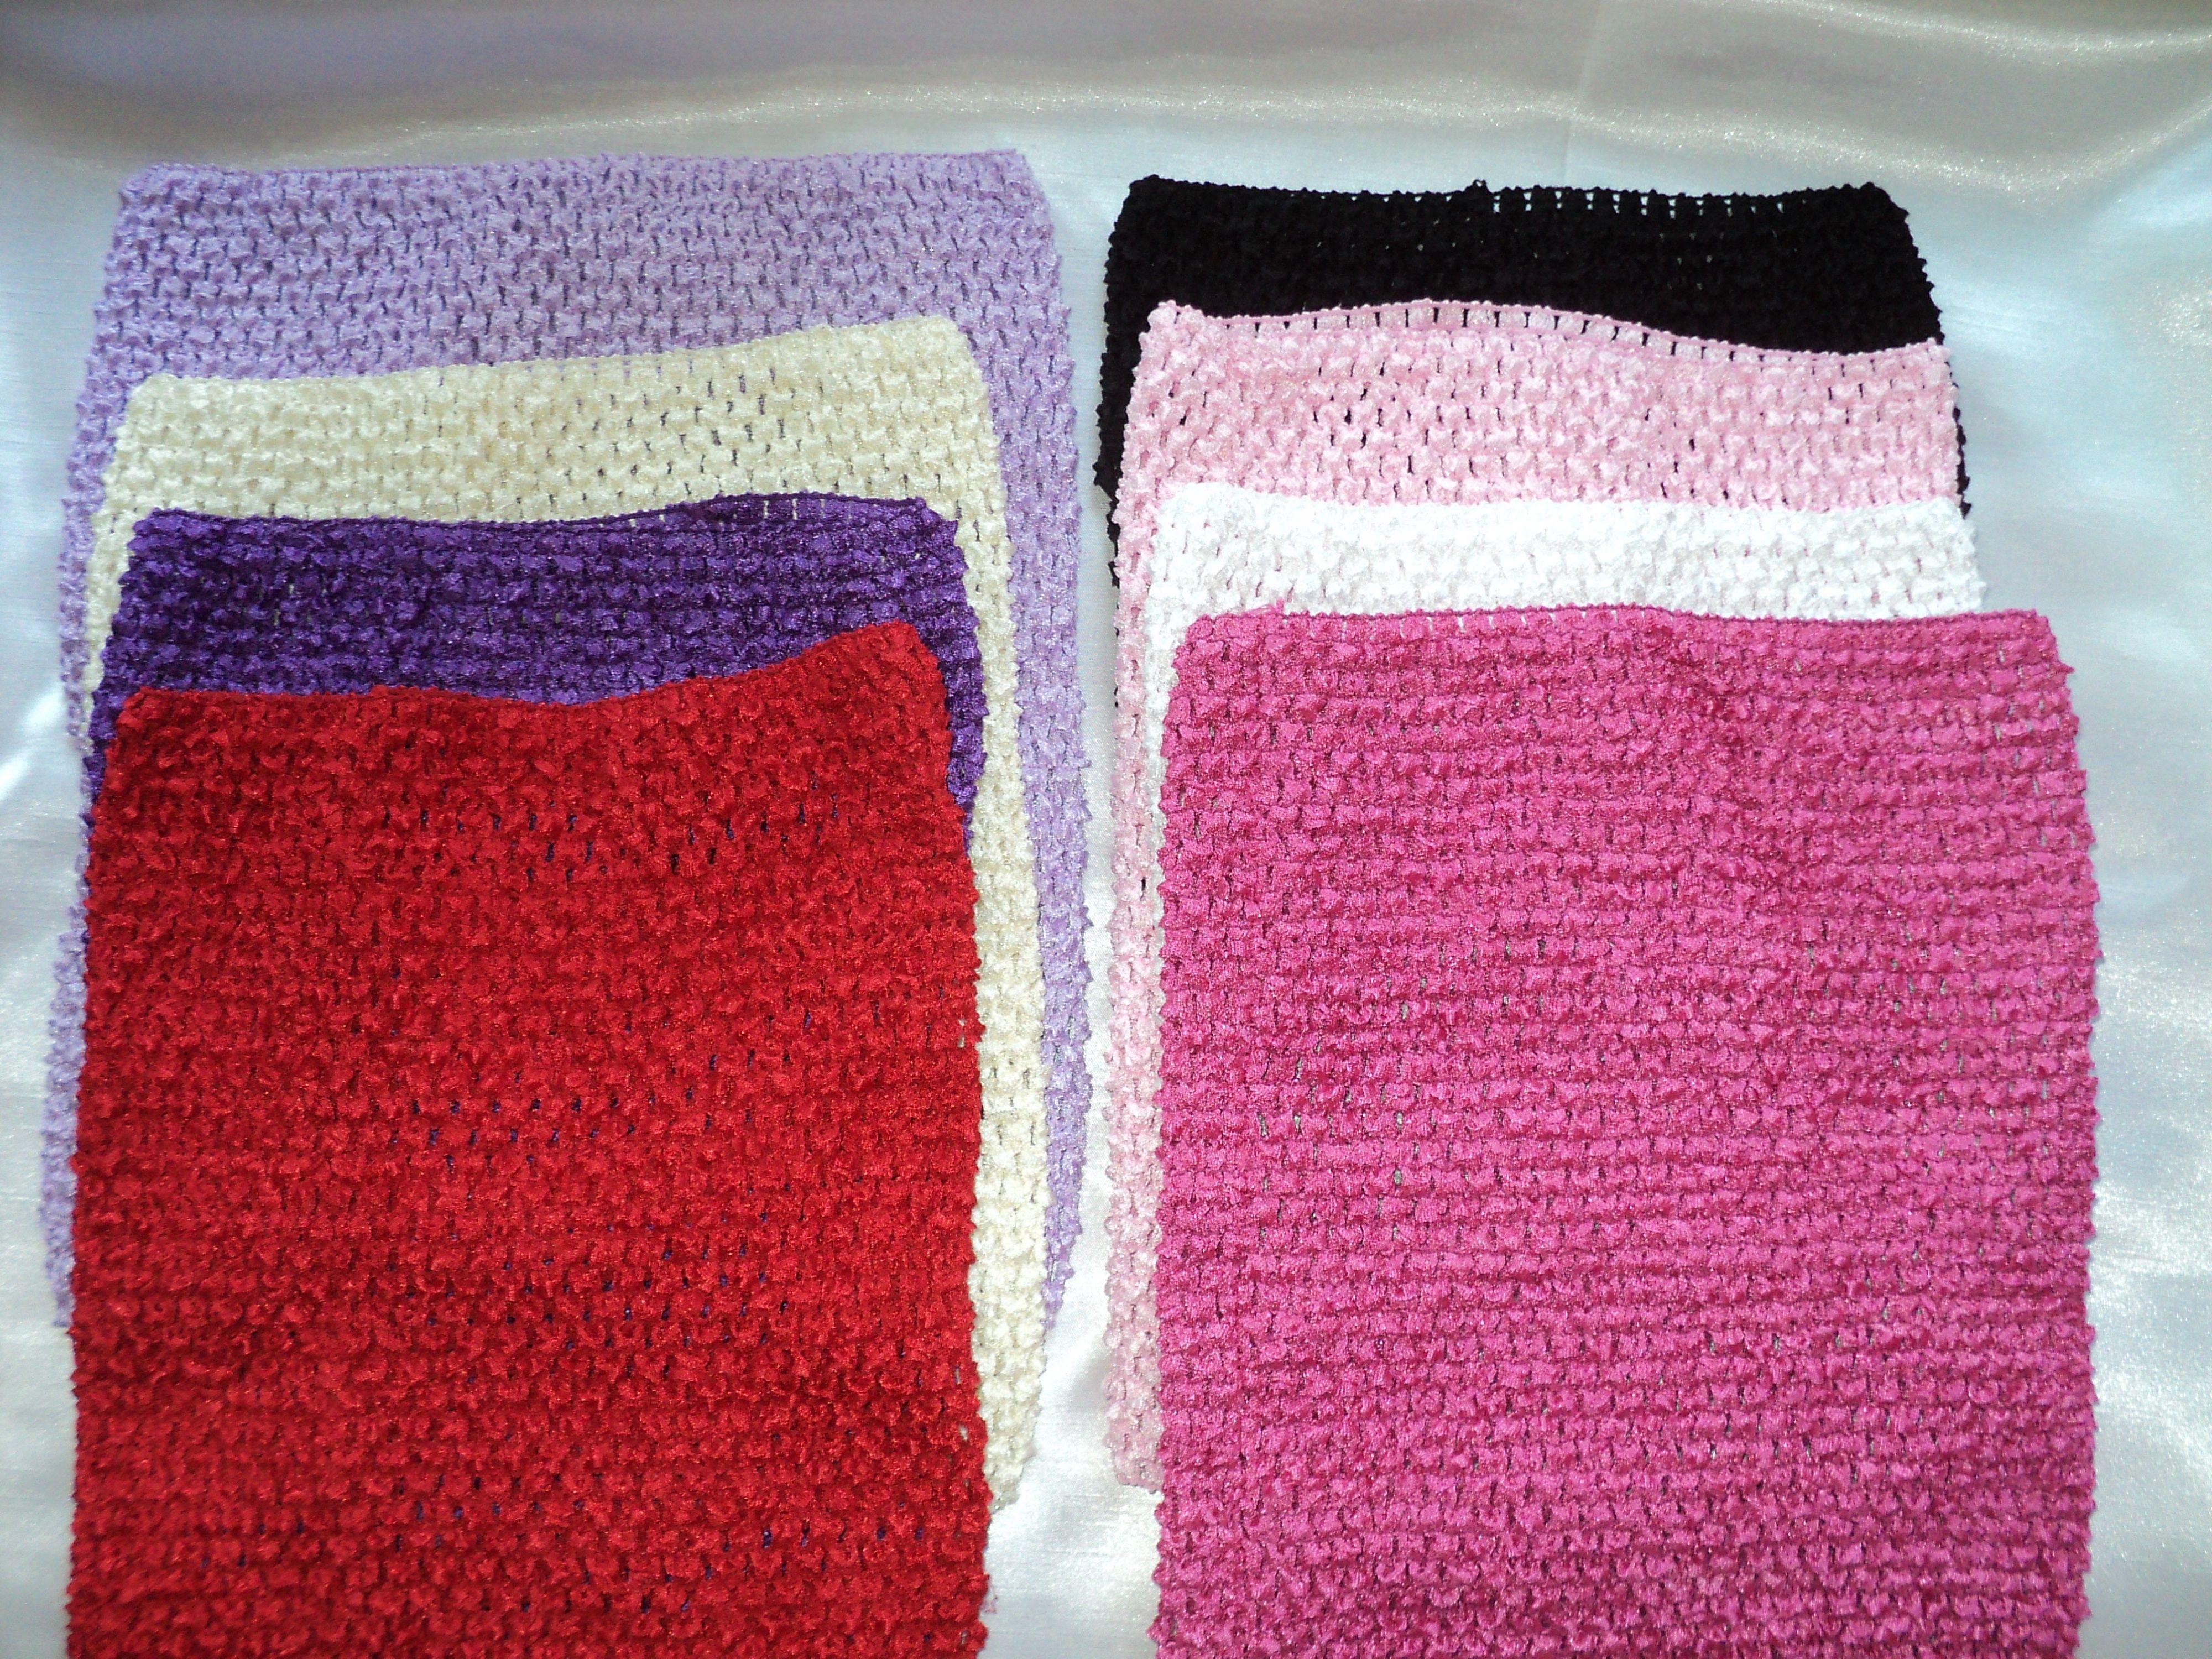 6aaf78f7af4 Hard to find extra large crochet tutu tops for older girls